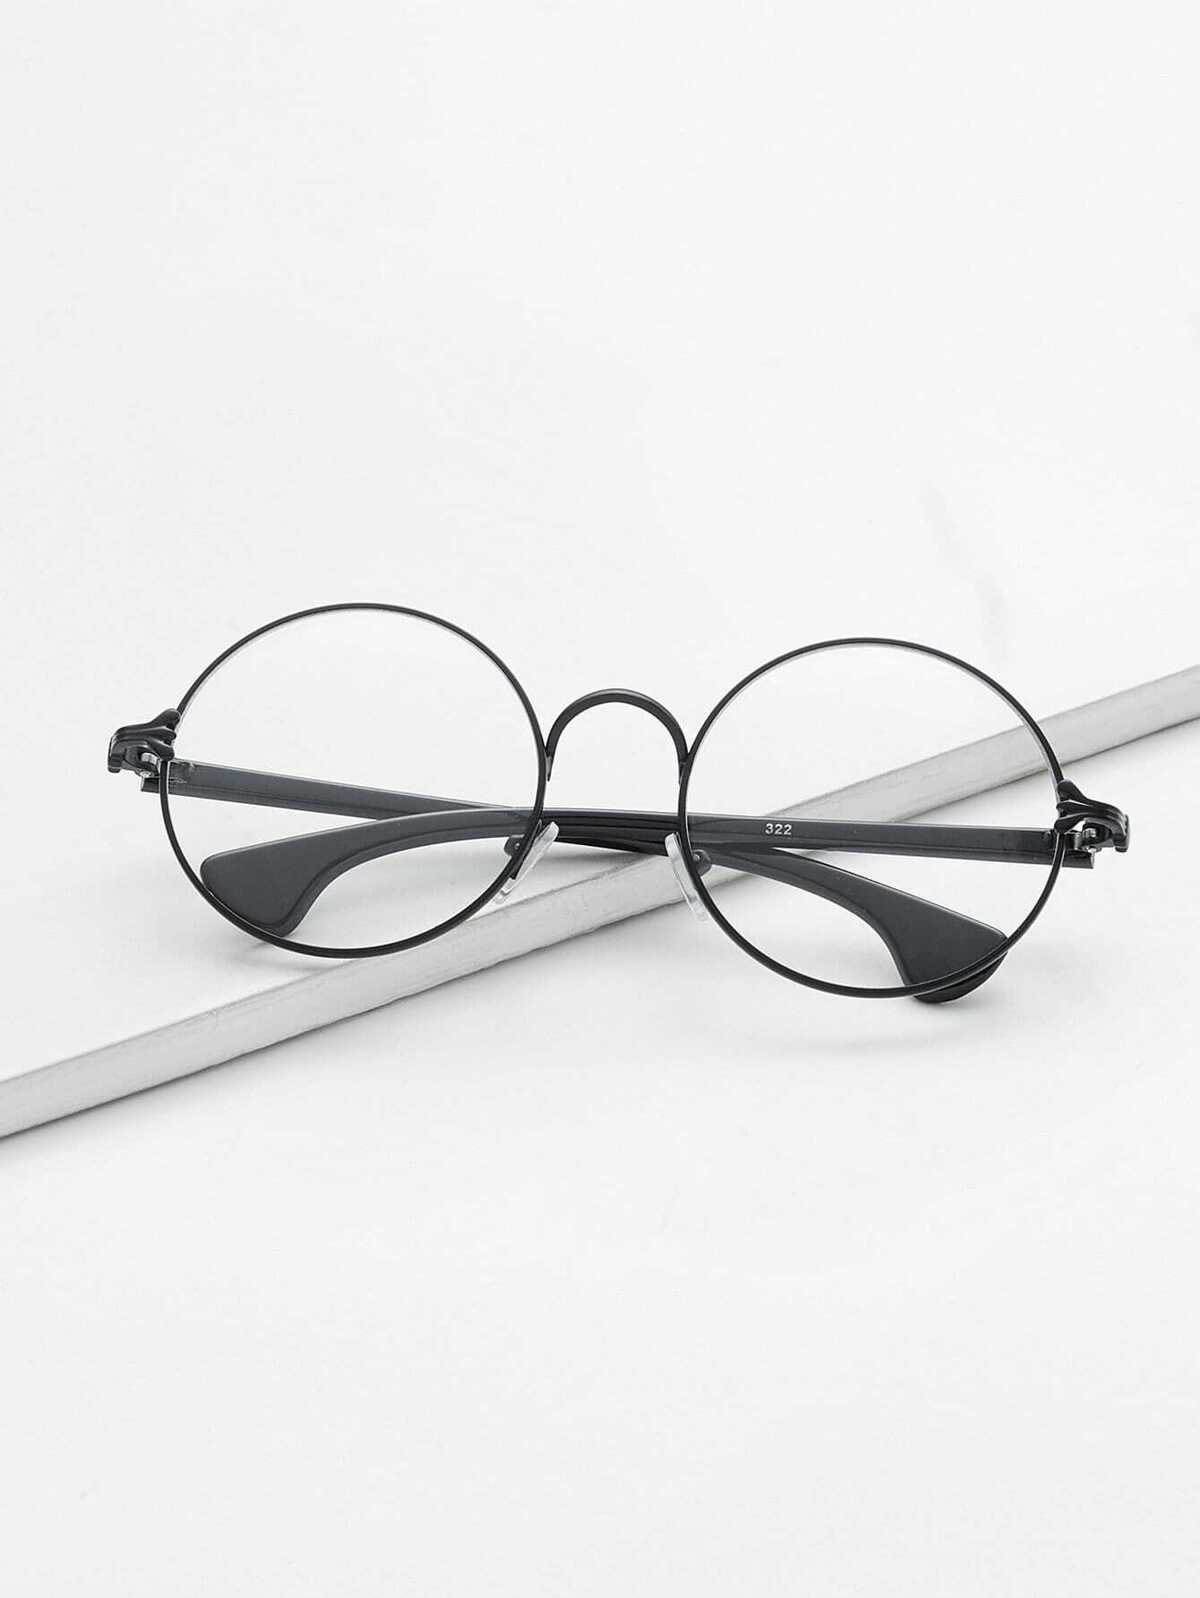 磨砂 黑色 框 透明鏡片 眼鏡